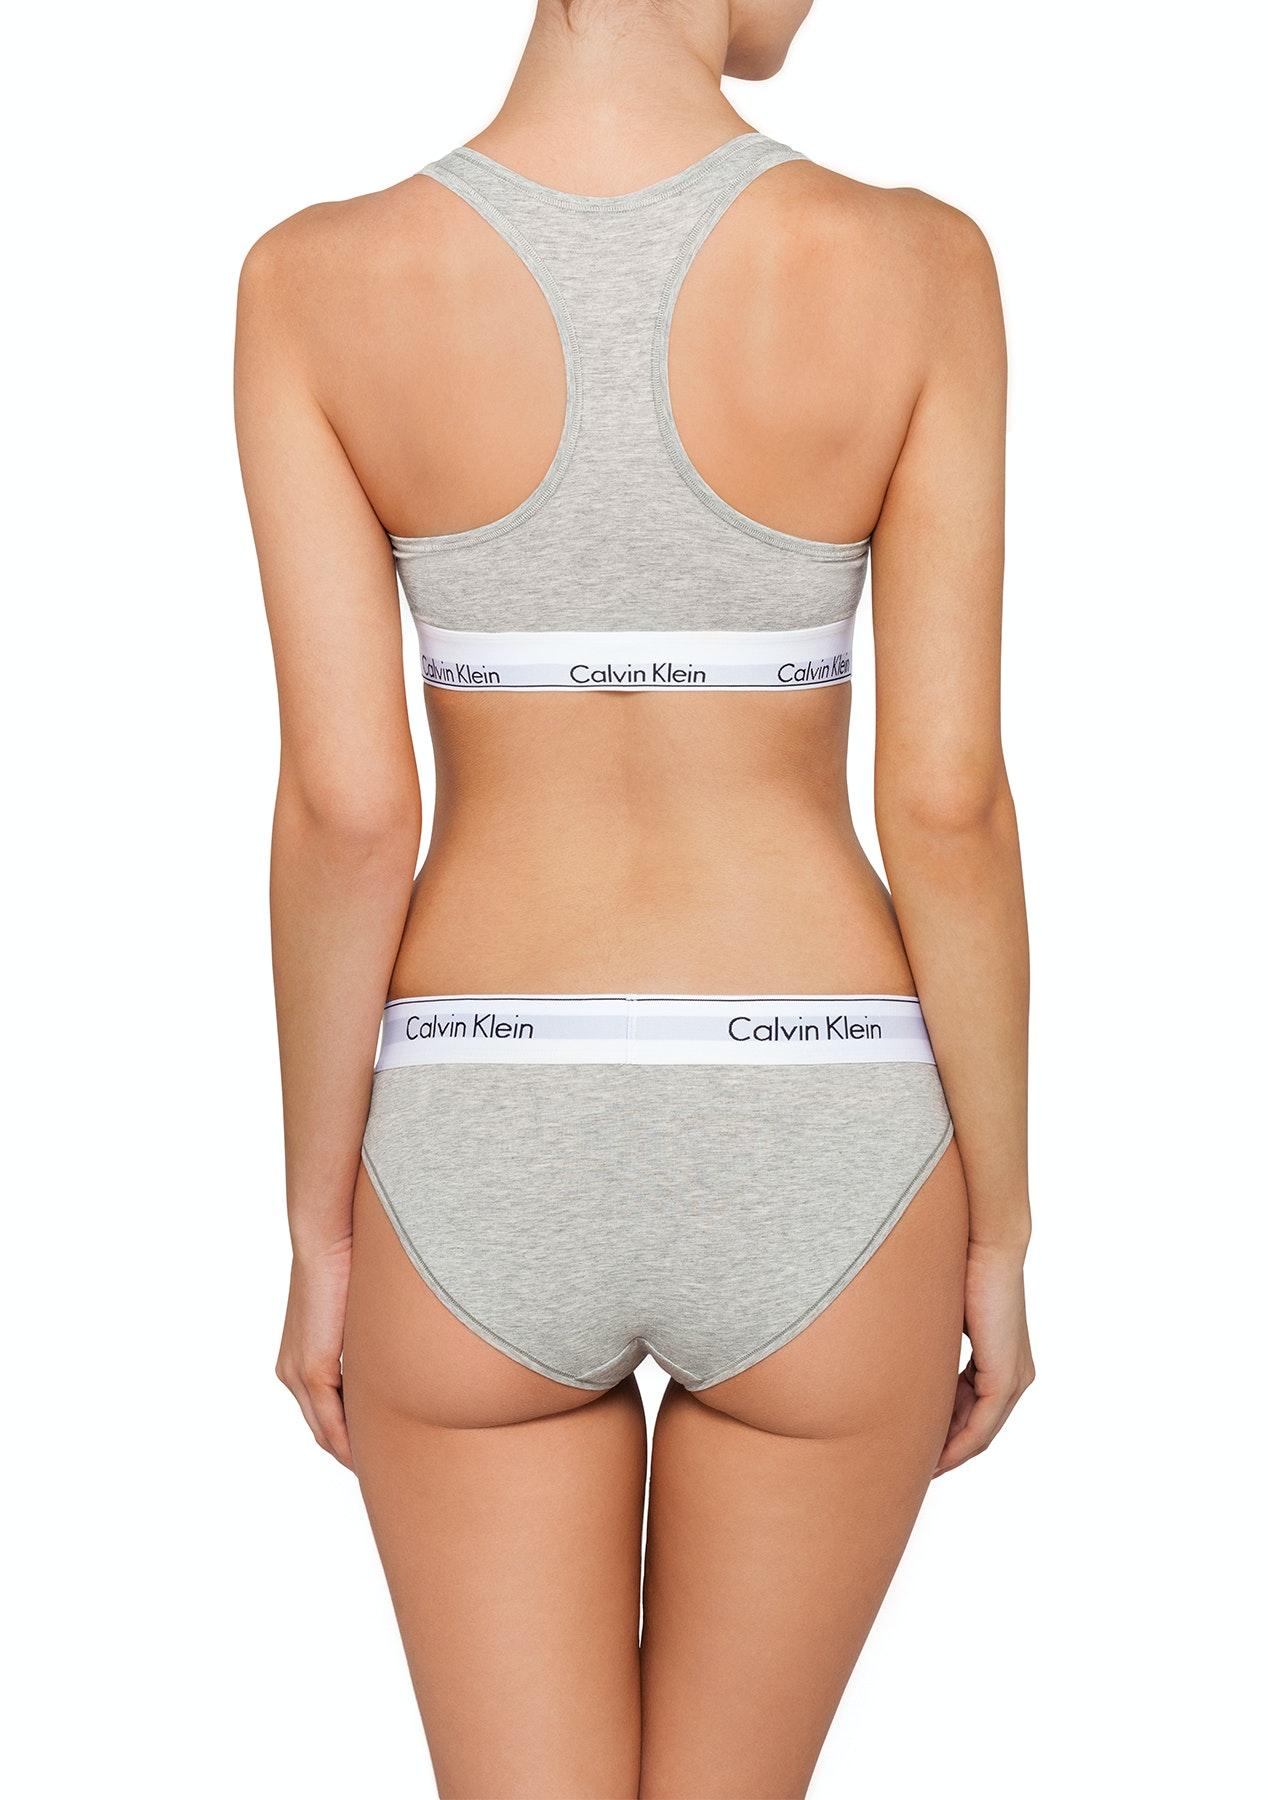 f87e1887a4 Calvin Klein - Modern Cotton Bralette   Bikini Set - Heather Grey - CK  MODERN COTTON Sets! - Onceit